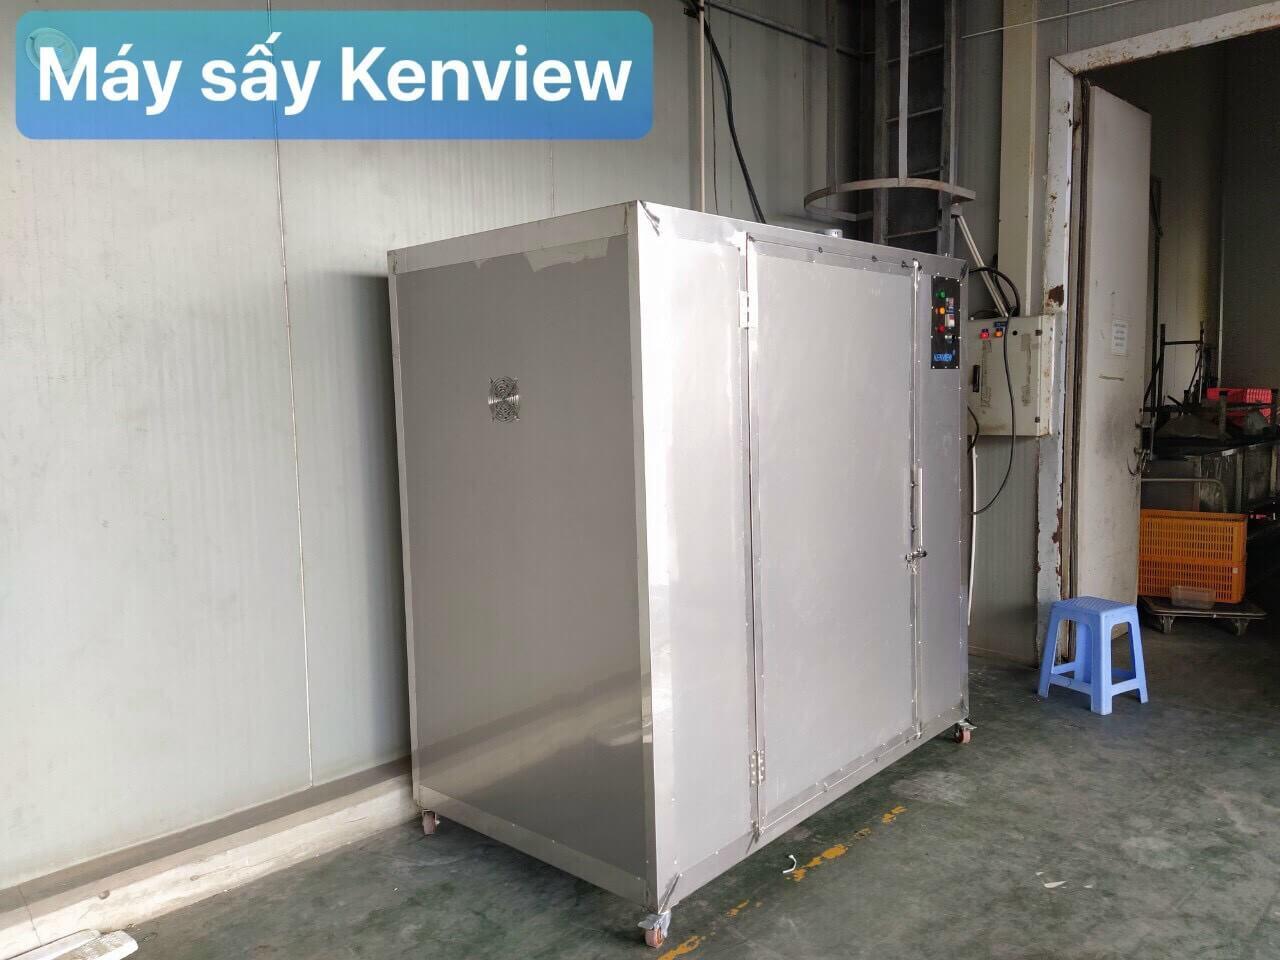 Máy sấy thực phẩm Kenview Ms100 Inox 304